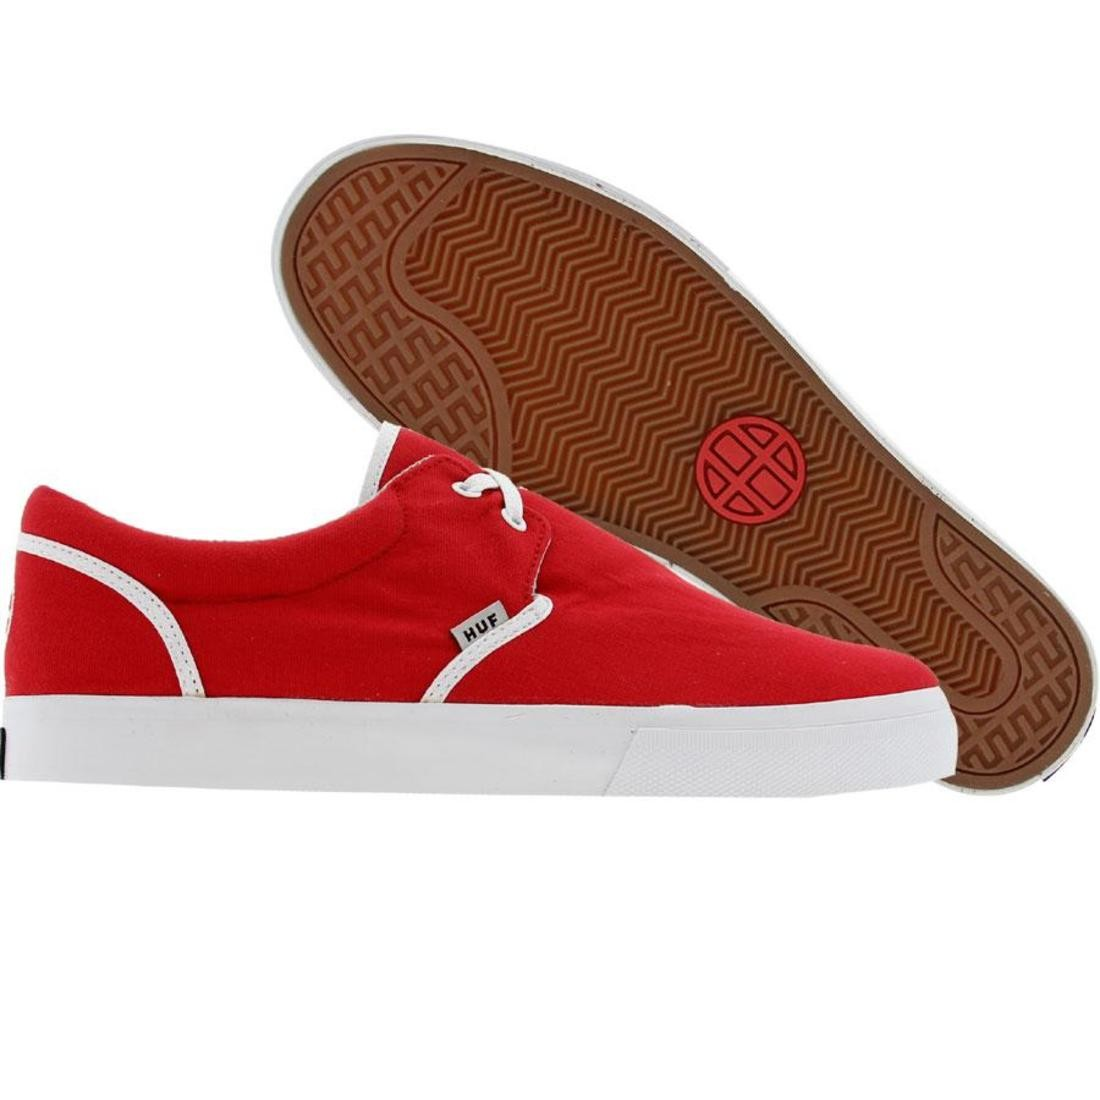 【海外限定】ハフ 靴 スニーカー 【 HUF GENUINE RED 】